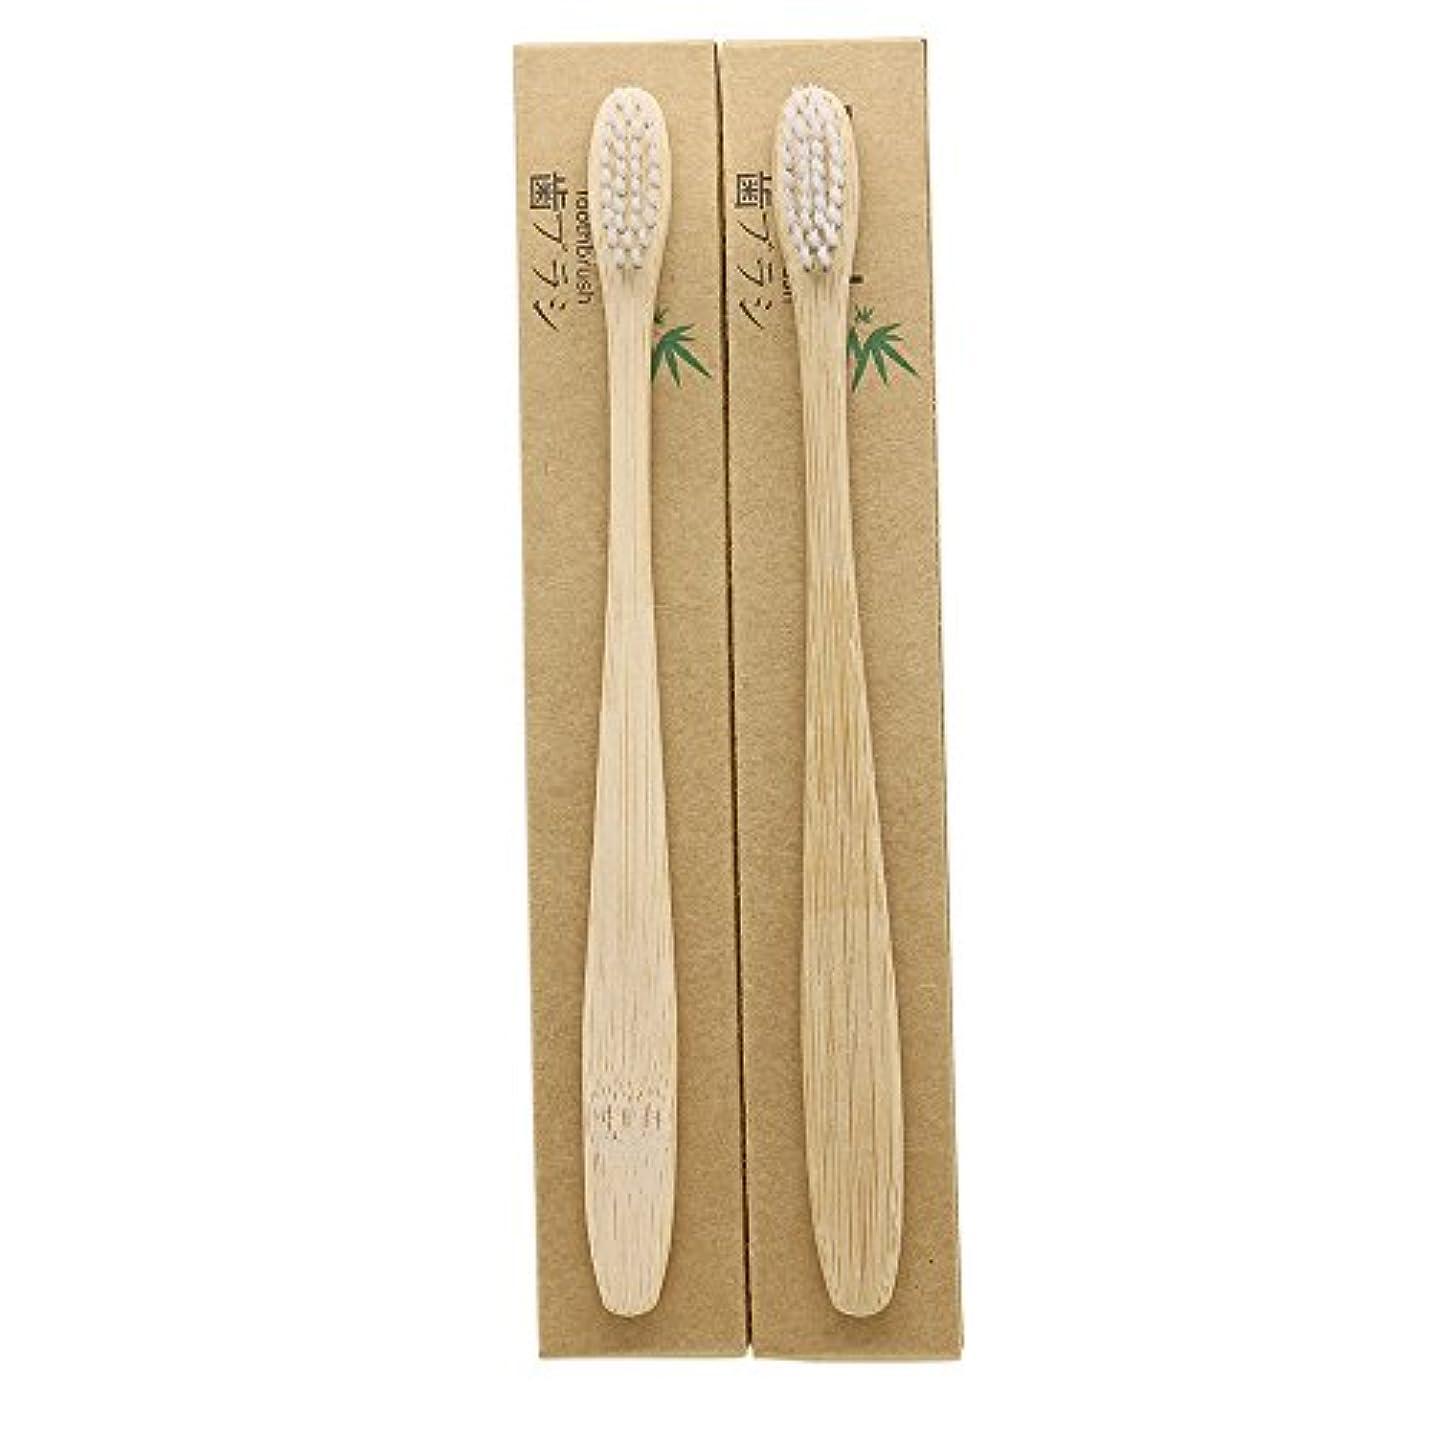 大人代替大使N-amboo 竹製耐久度高い 歯ブラシ 2本入り セット エコ ヘッド小さい 白い